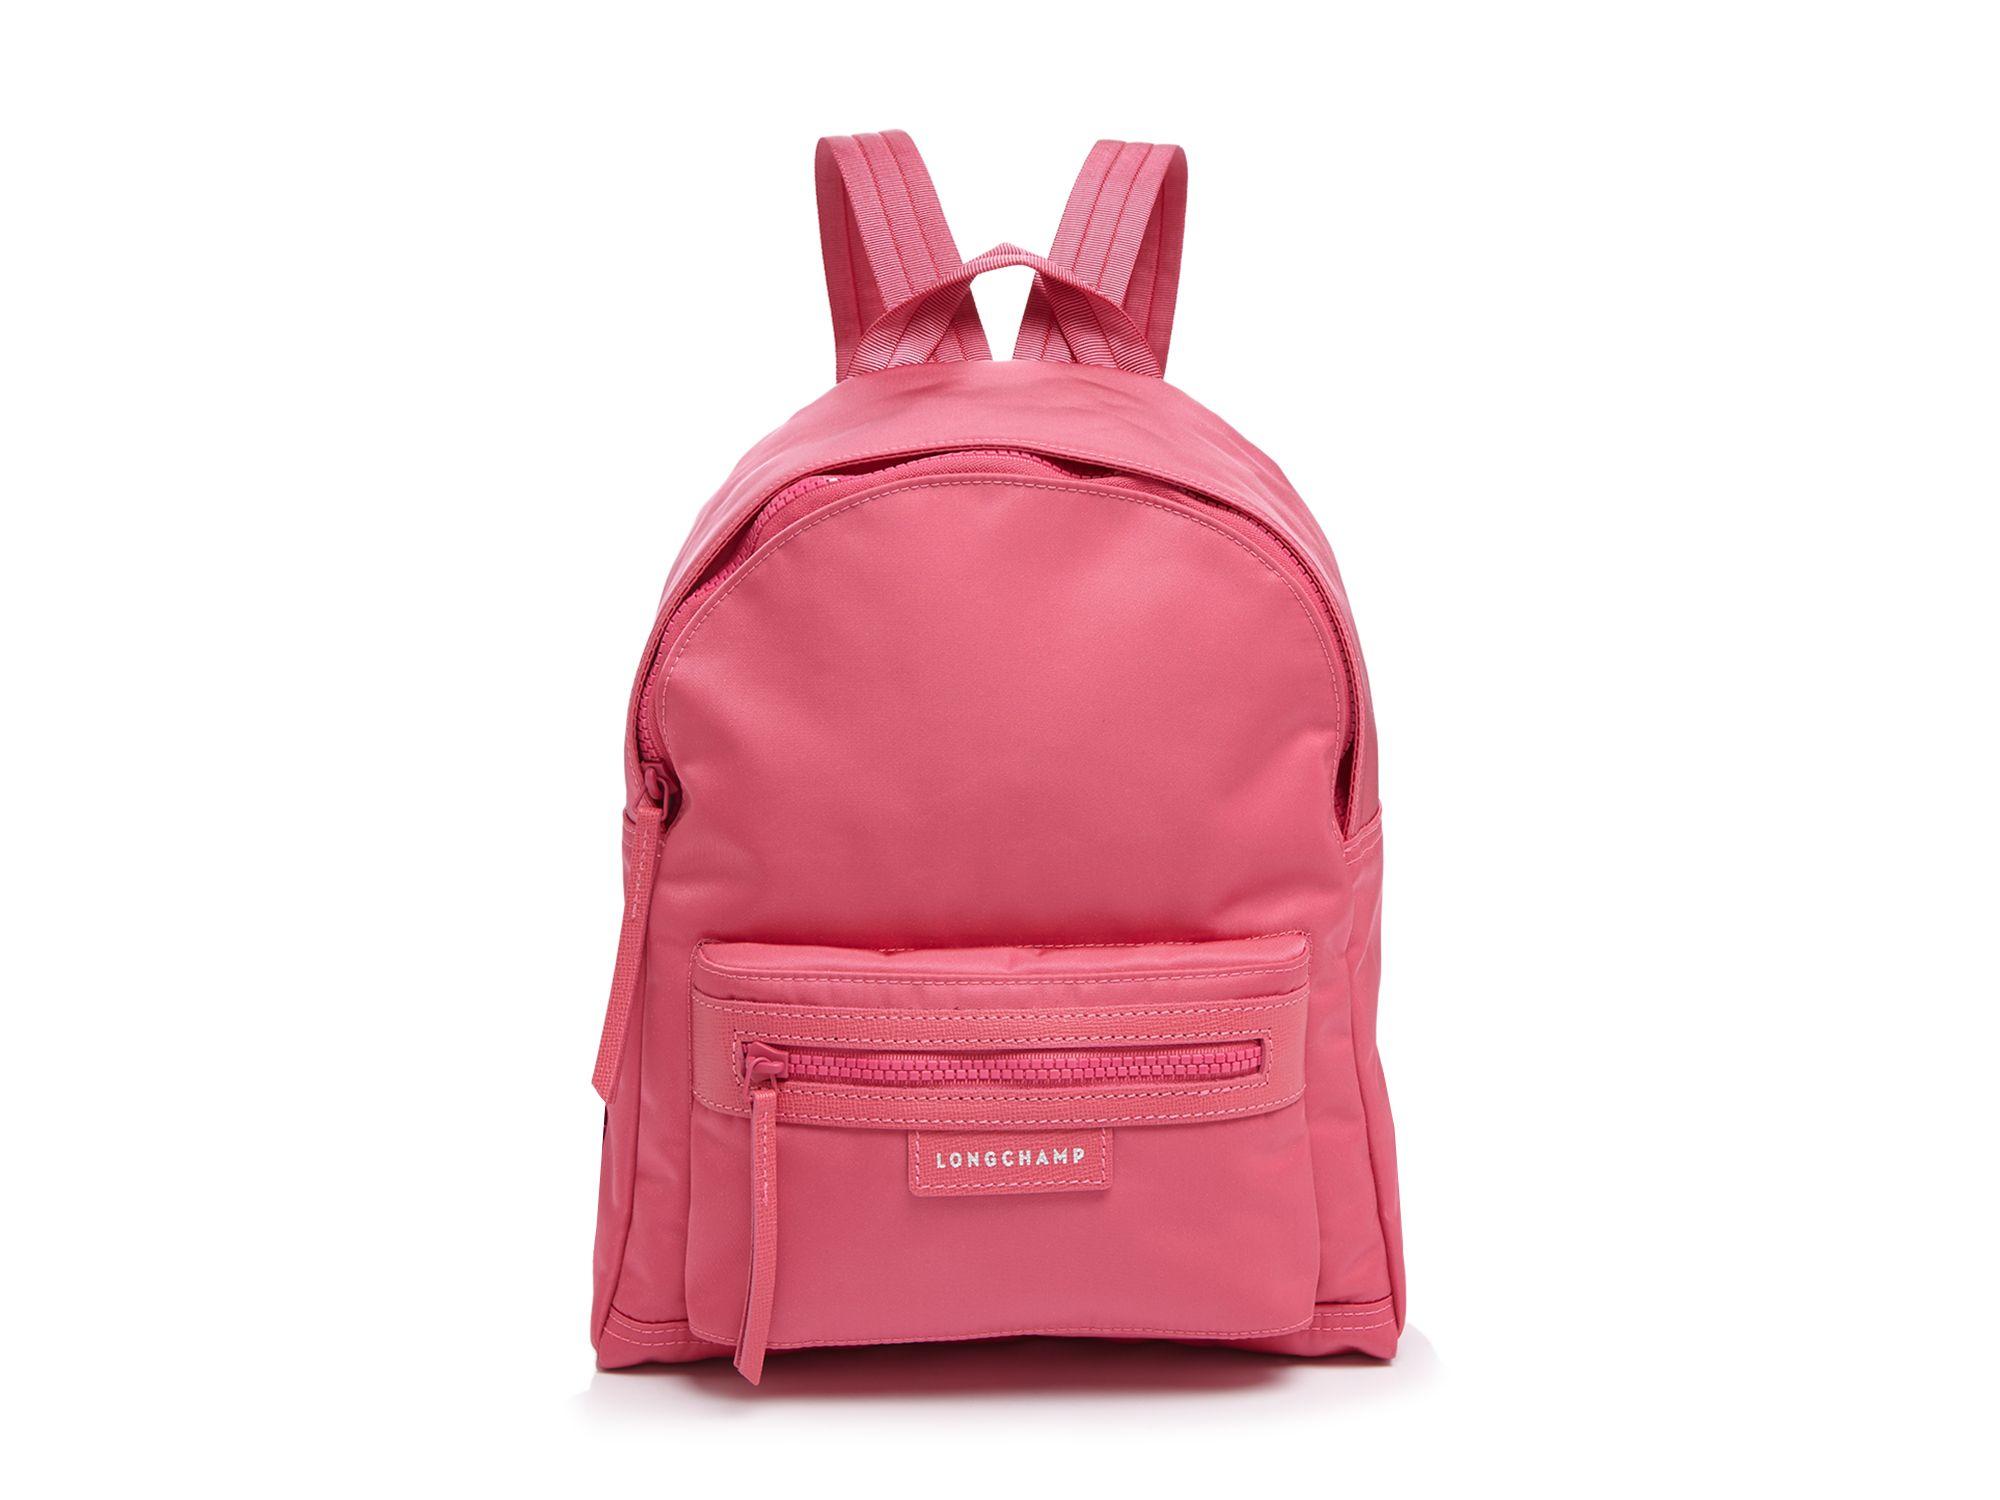 Le Pliage Neo Small Nylon Backpack- Fenix Toulouse Handball bd798bd0491b2